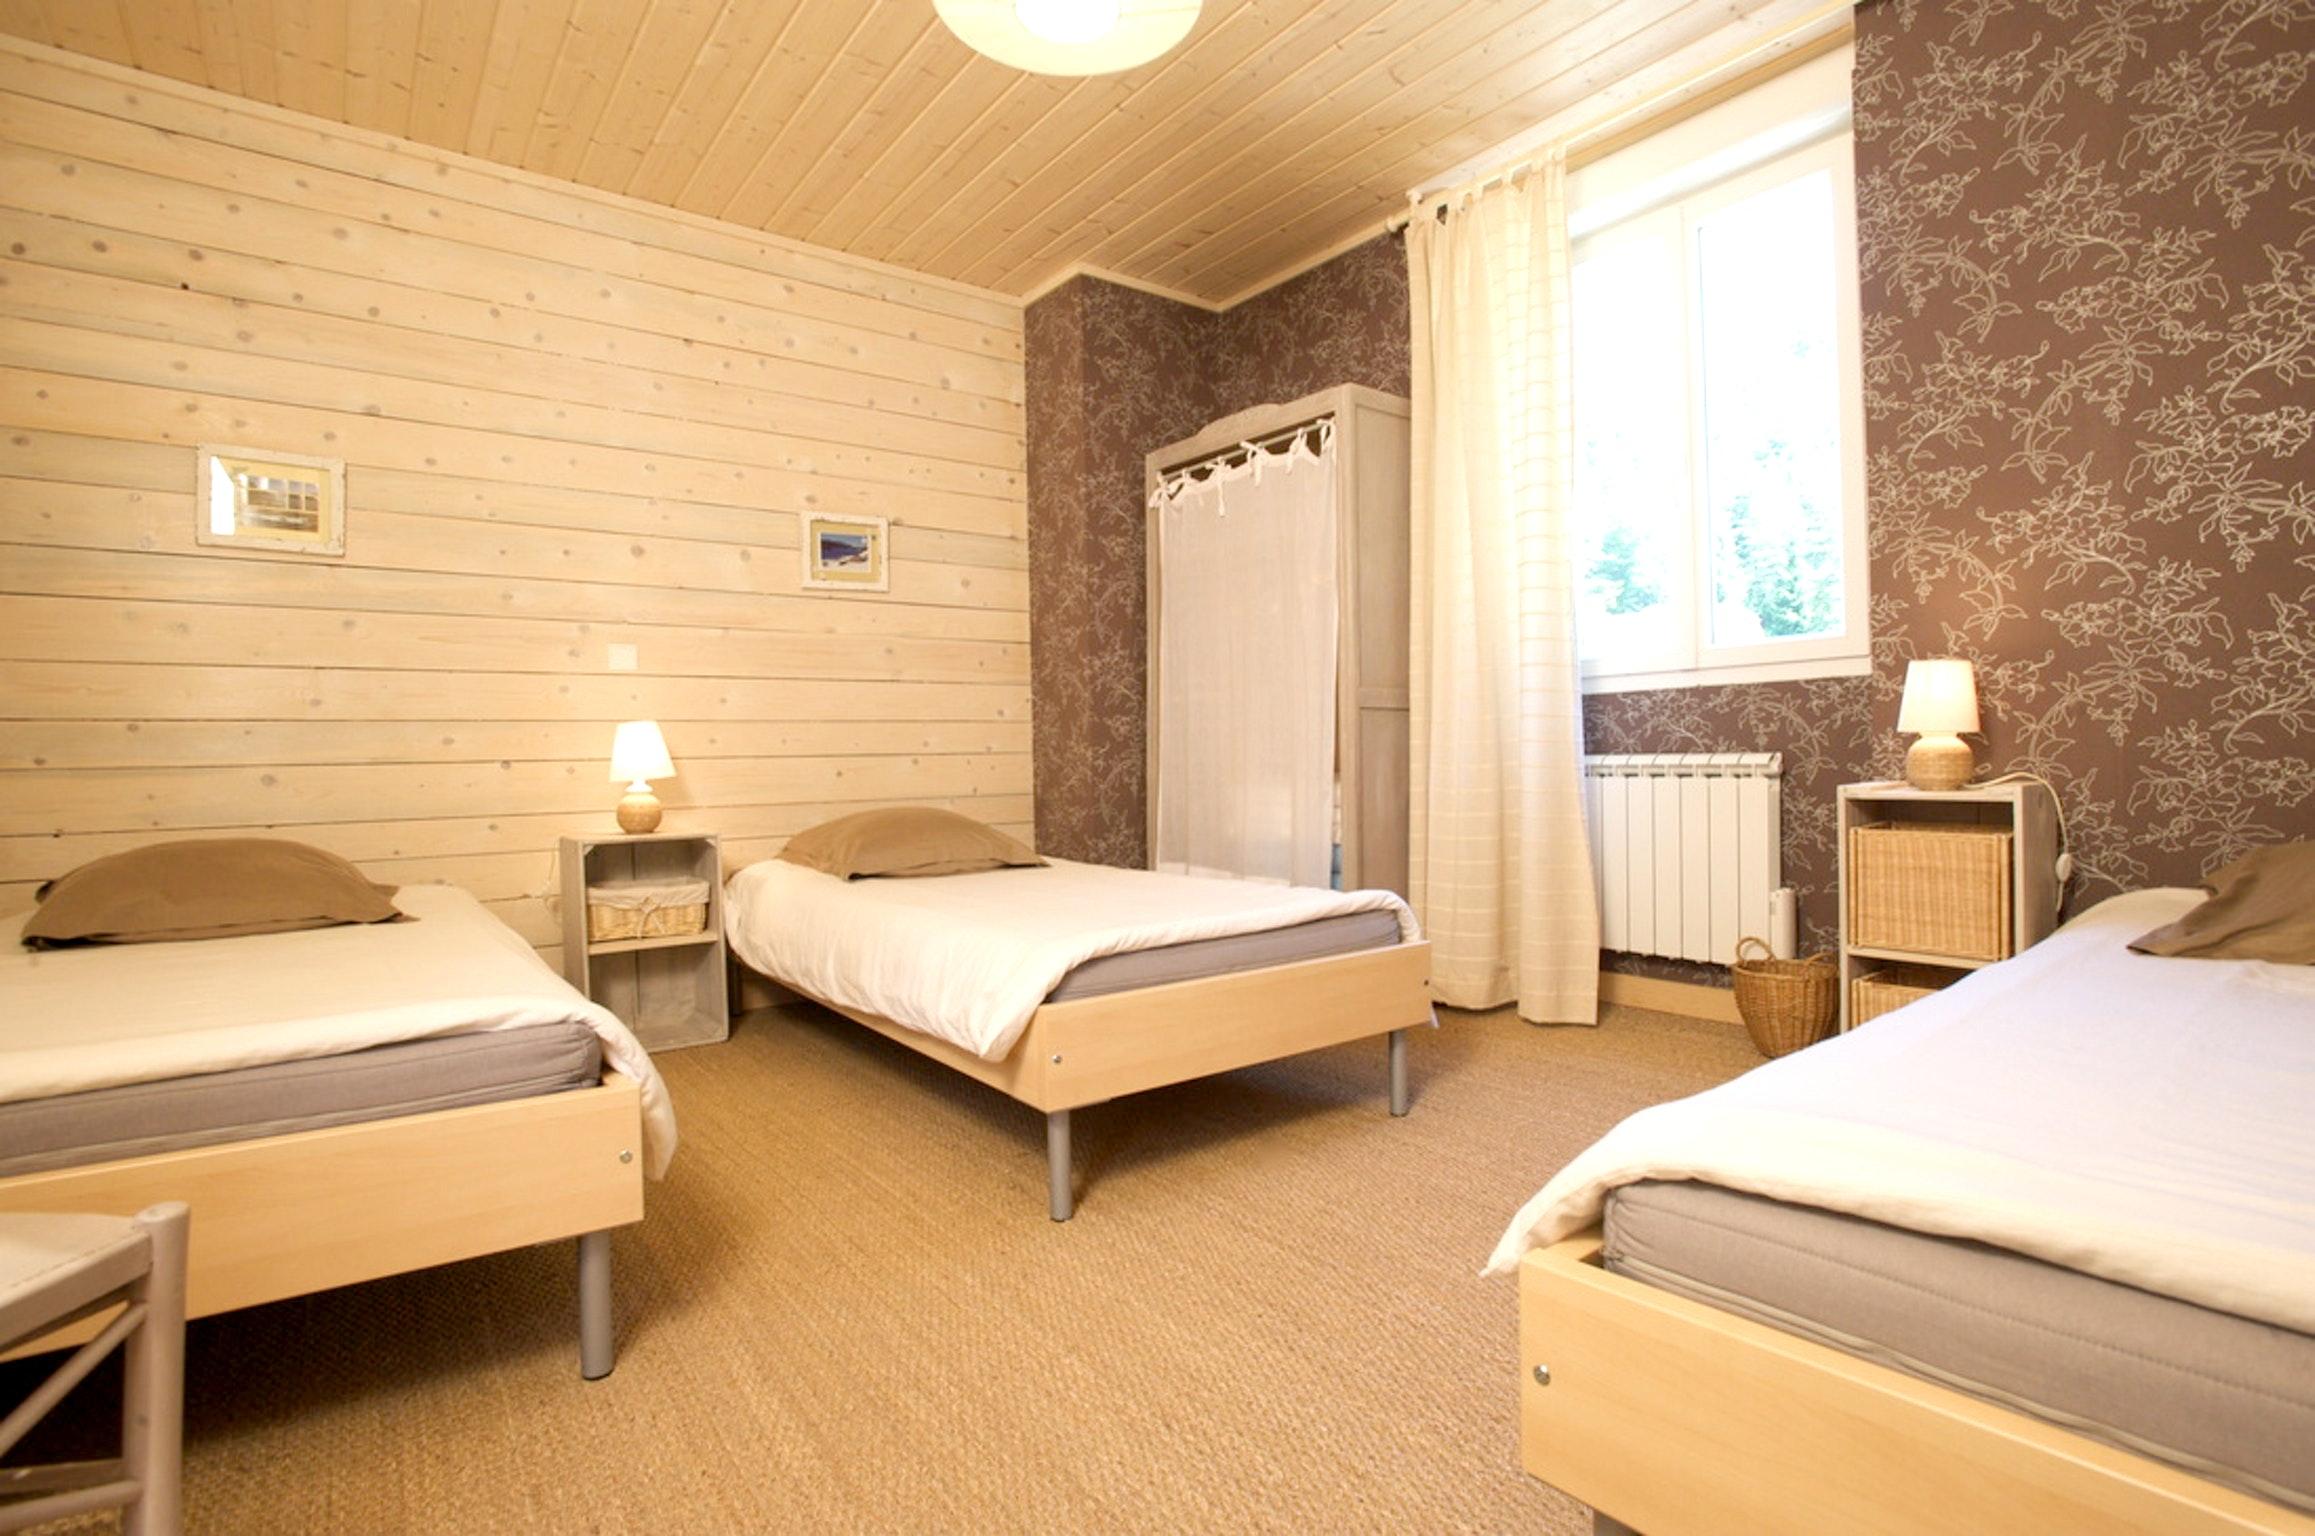 Maison de vacances Haus mit 2 Schlafzimmern in Villard-Saint-Sauveur mit toller Aussicht auf die Berge und ei (2704040), Villard sur Bienne, Jura, Franche-Comté, France, image 3